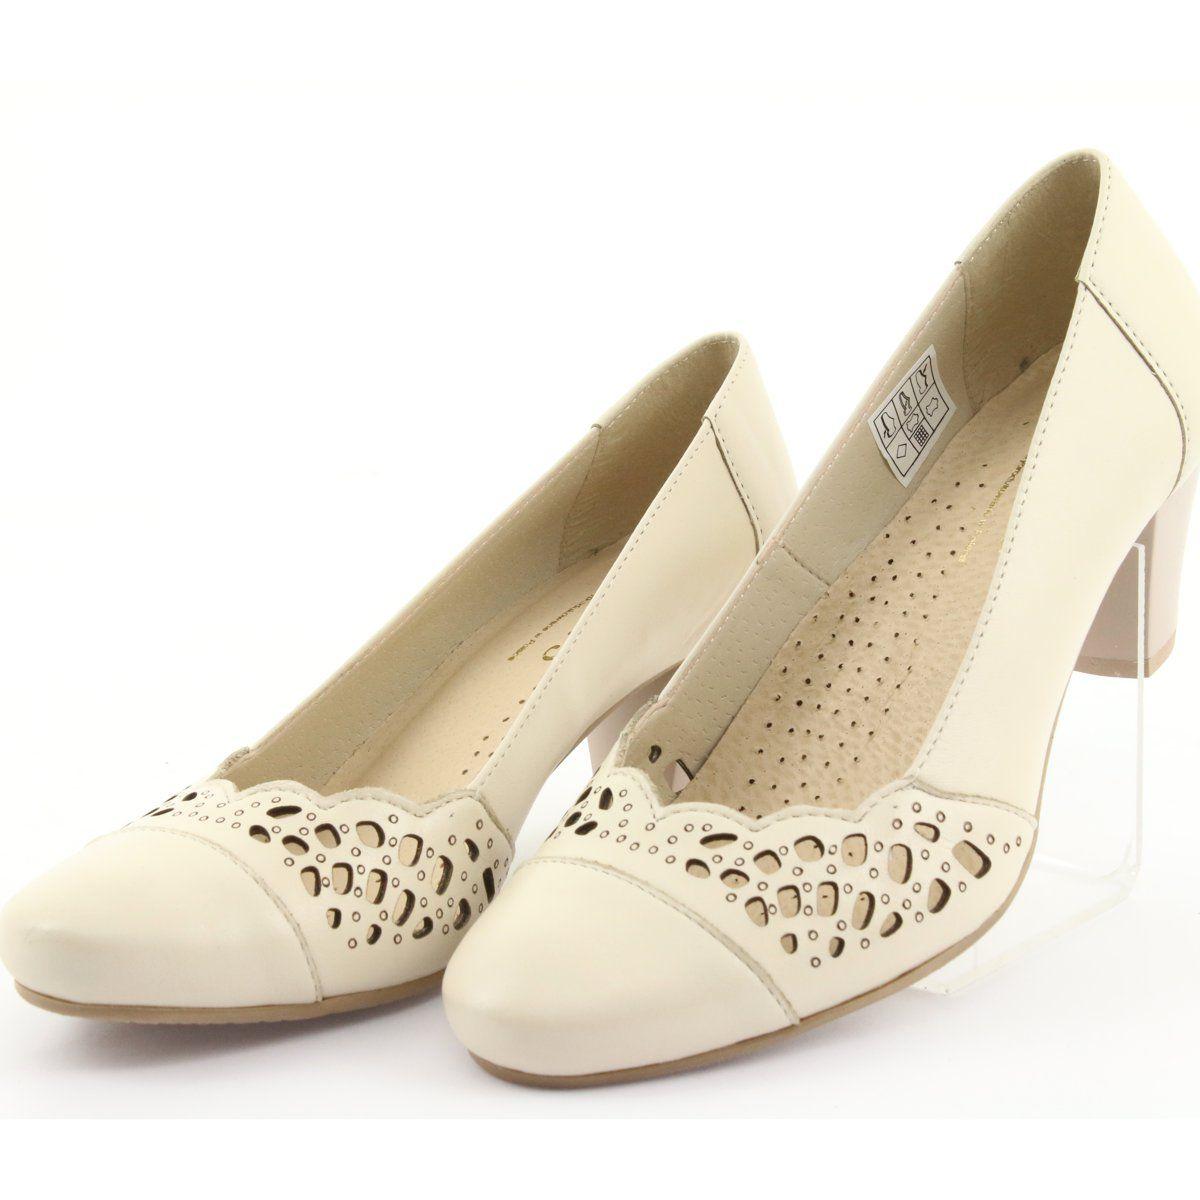 Czolenka Damskie Gregors 745 Bezowe Bezowy Shoes Fashion Flats